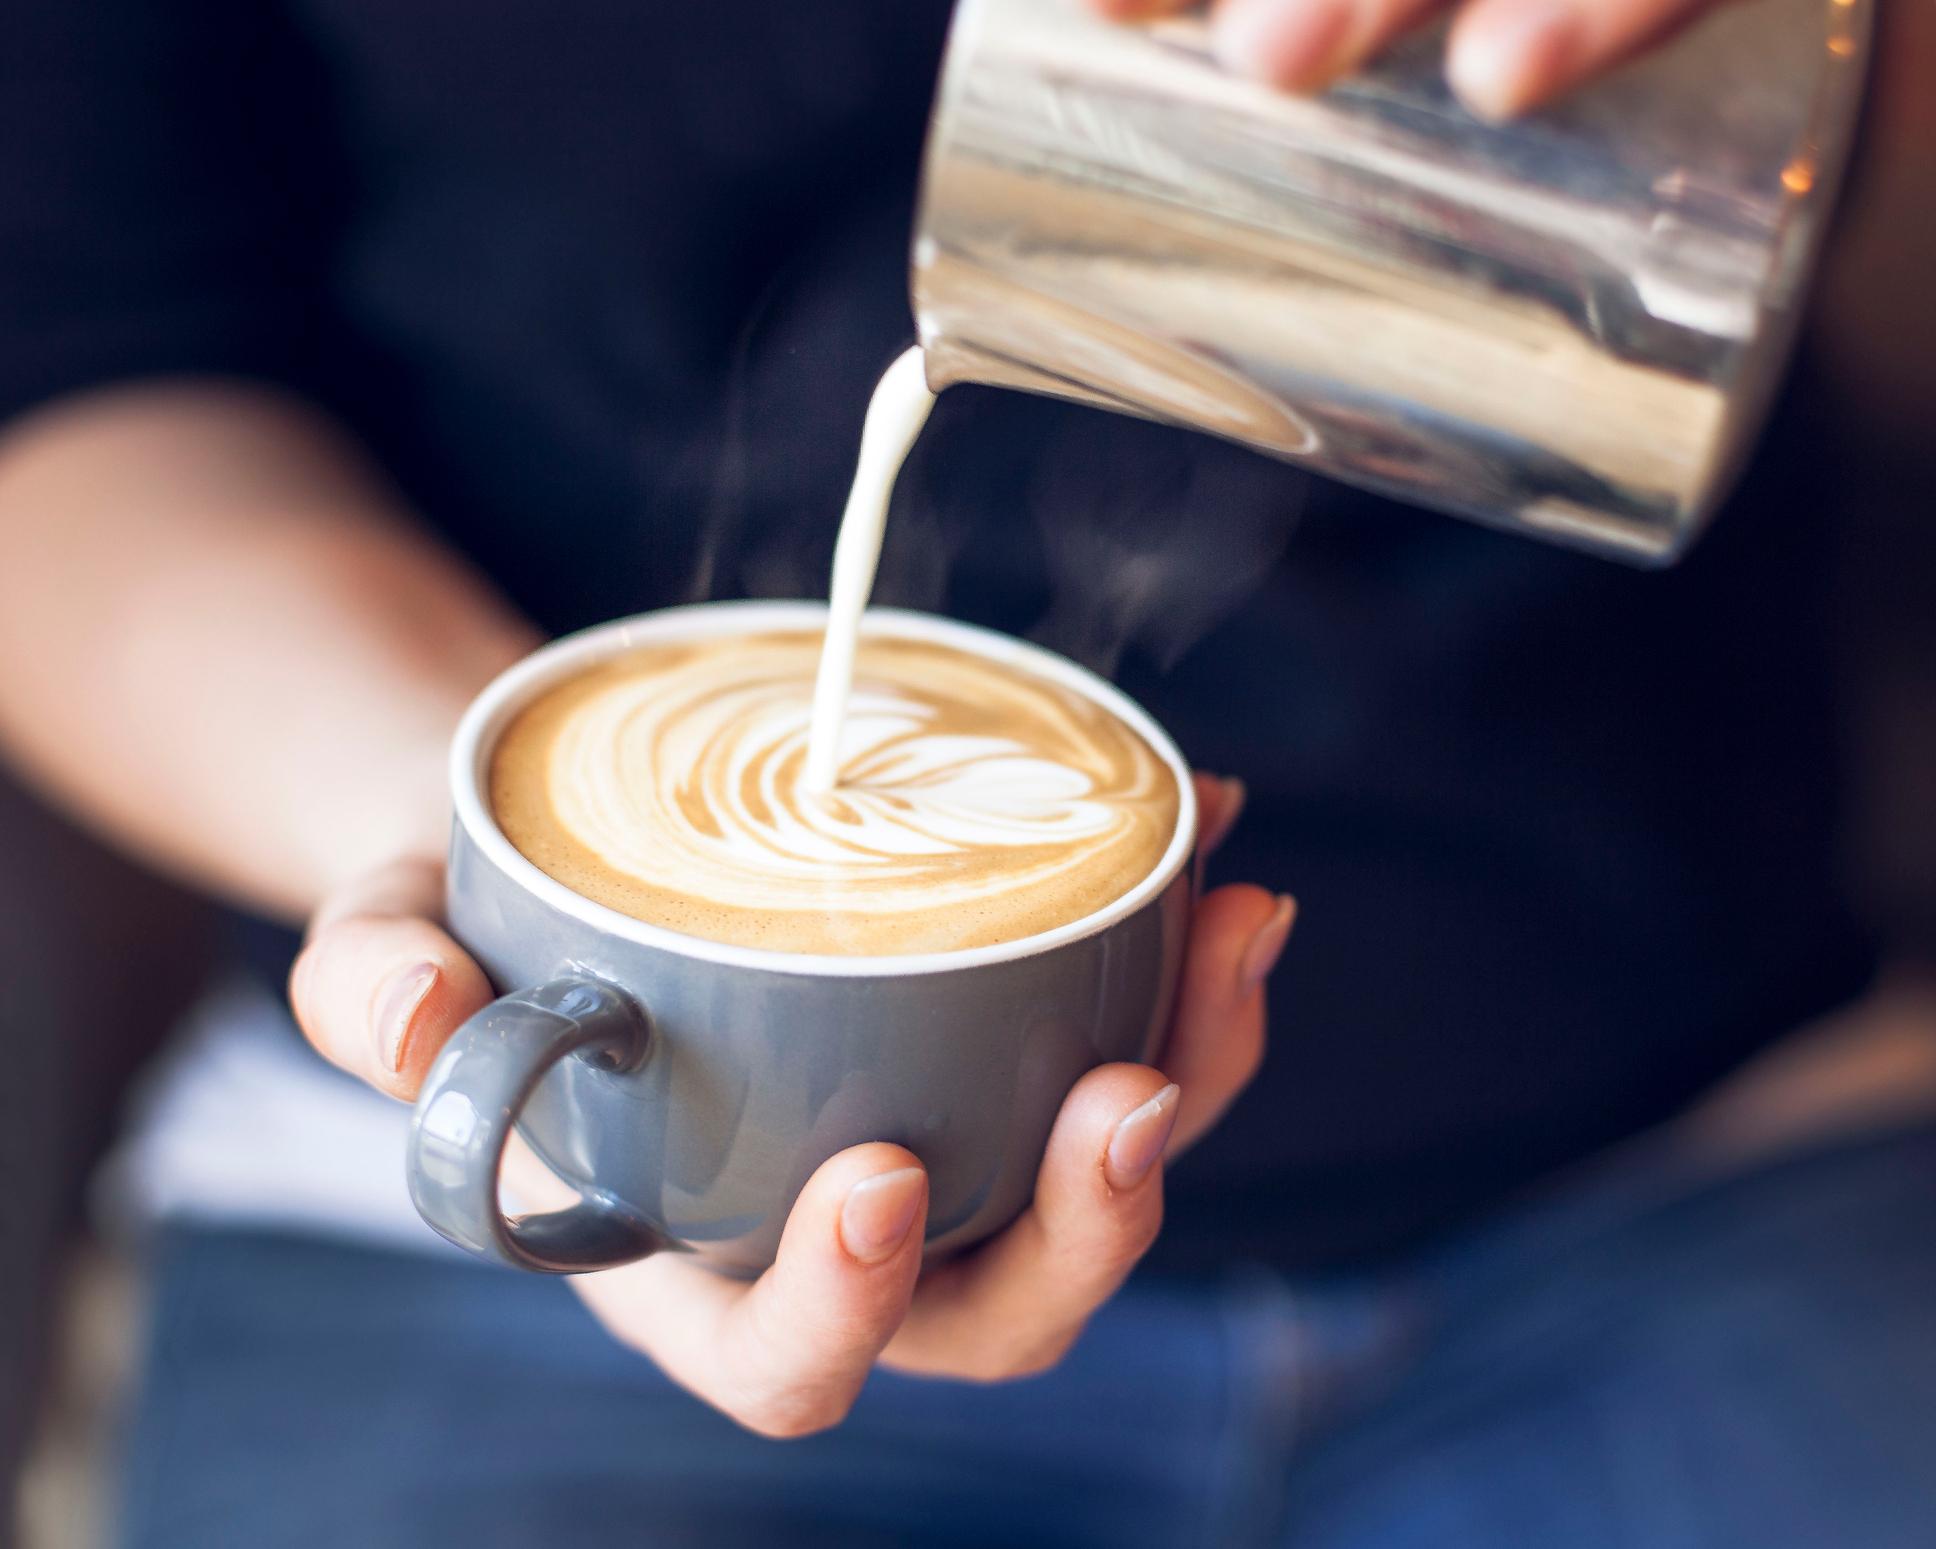 ar trebui sa renunt la cafea pentru a slabi definitie arderea grasimilor